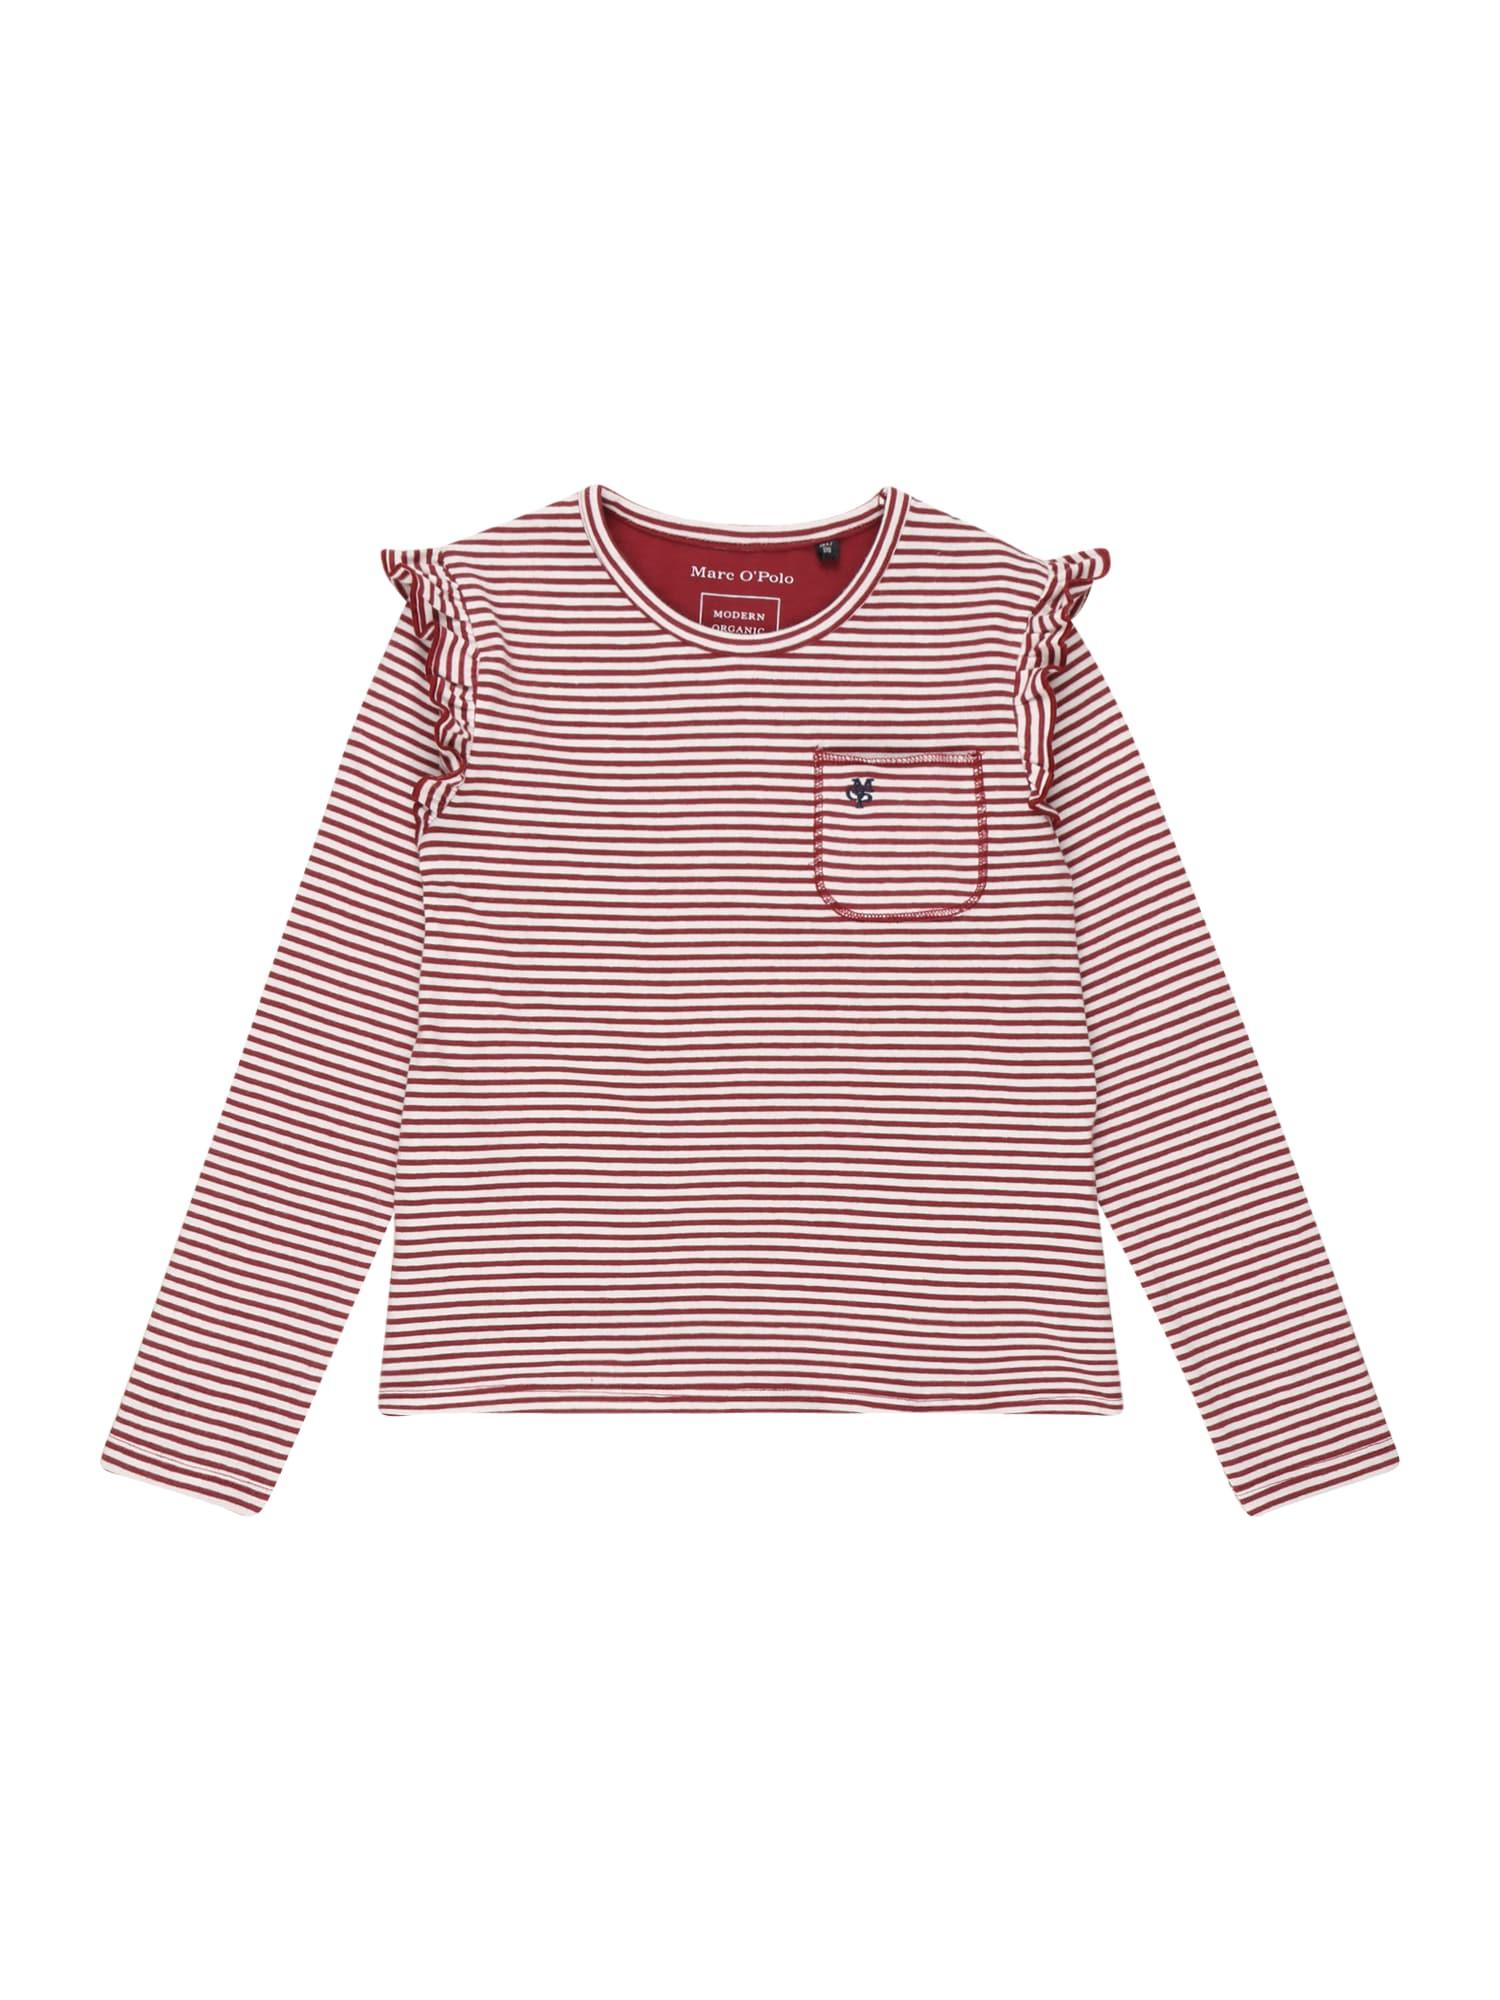 Marc O'Polo Junior Marškinėliai raudona / balta